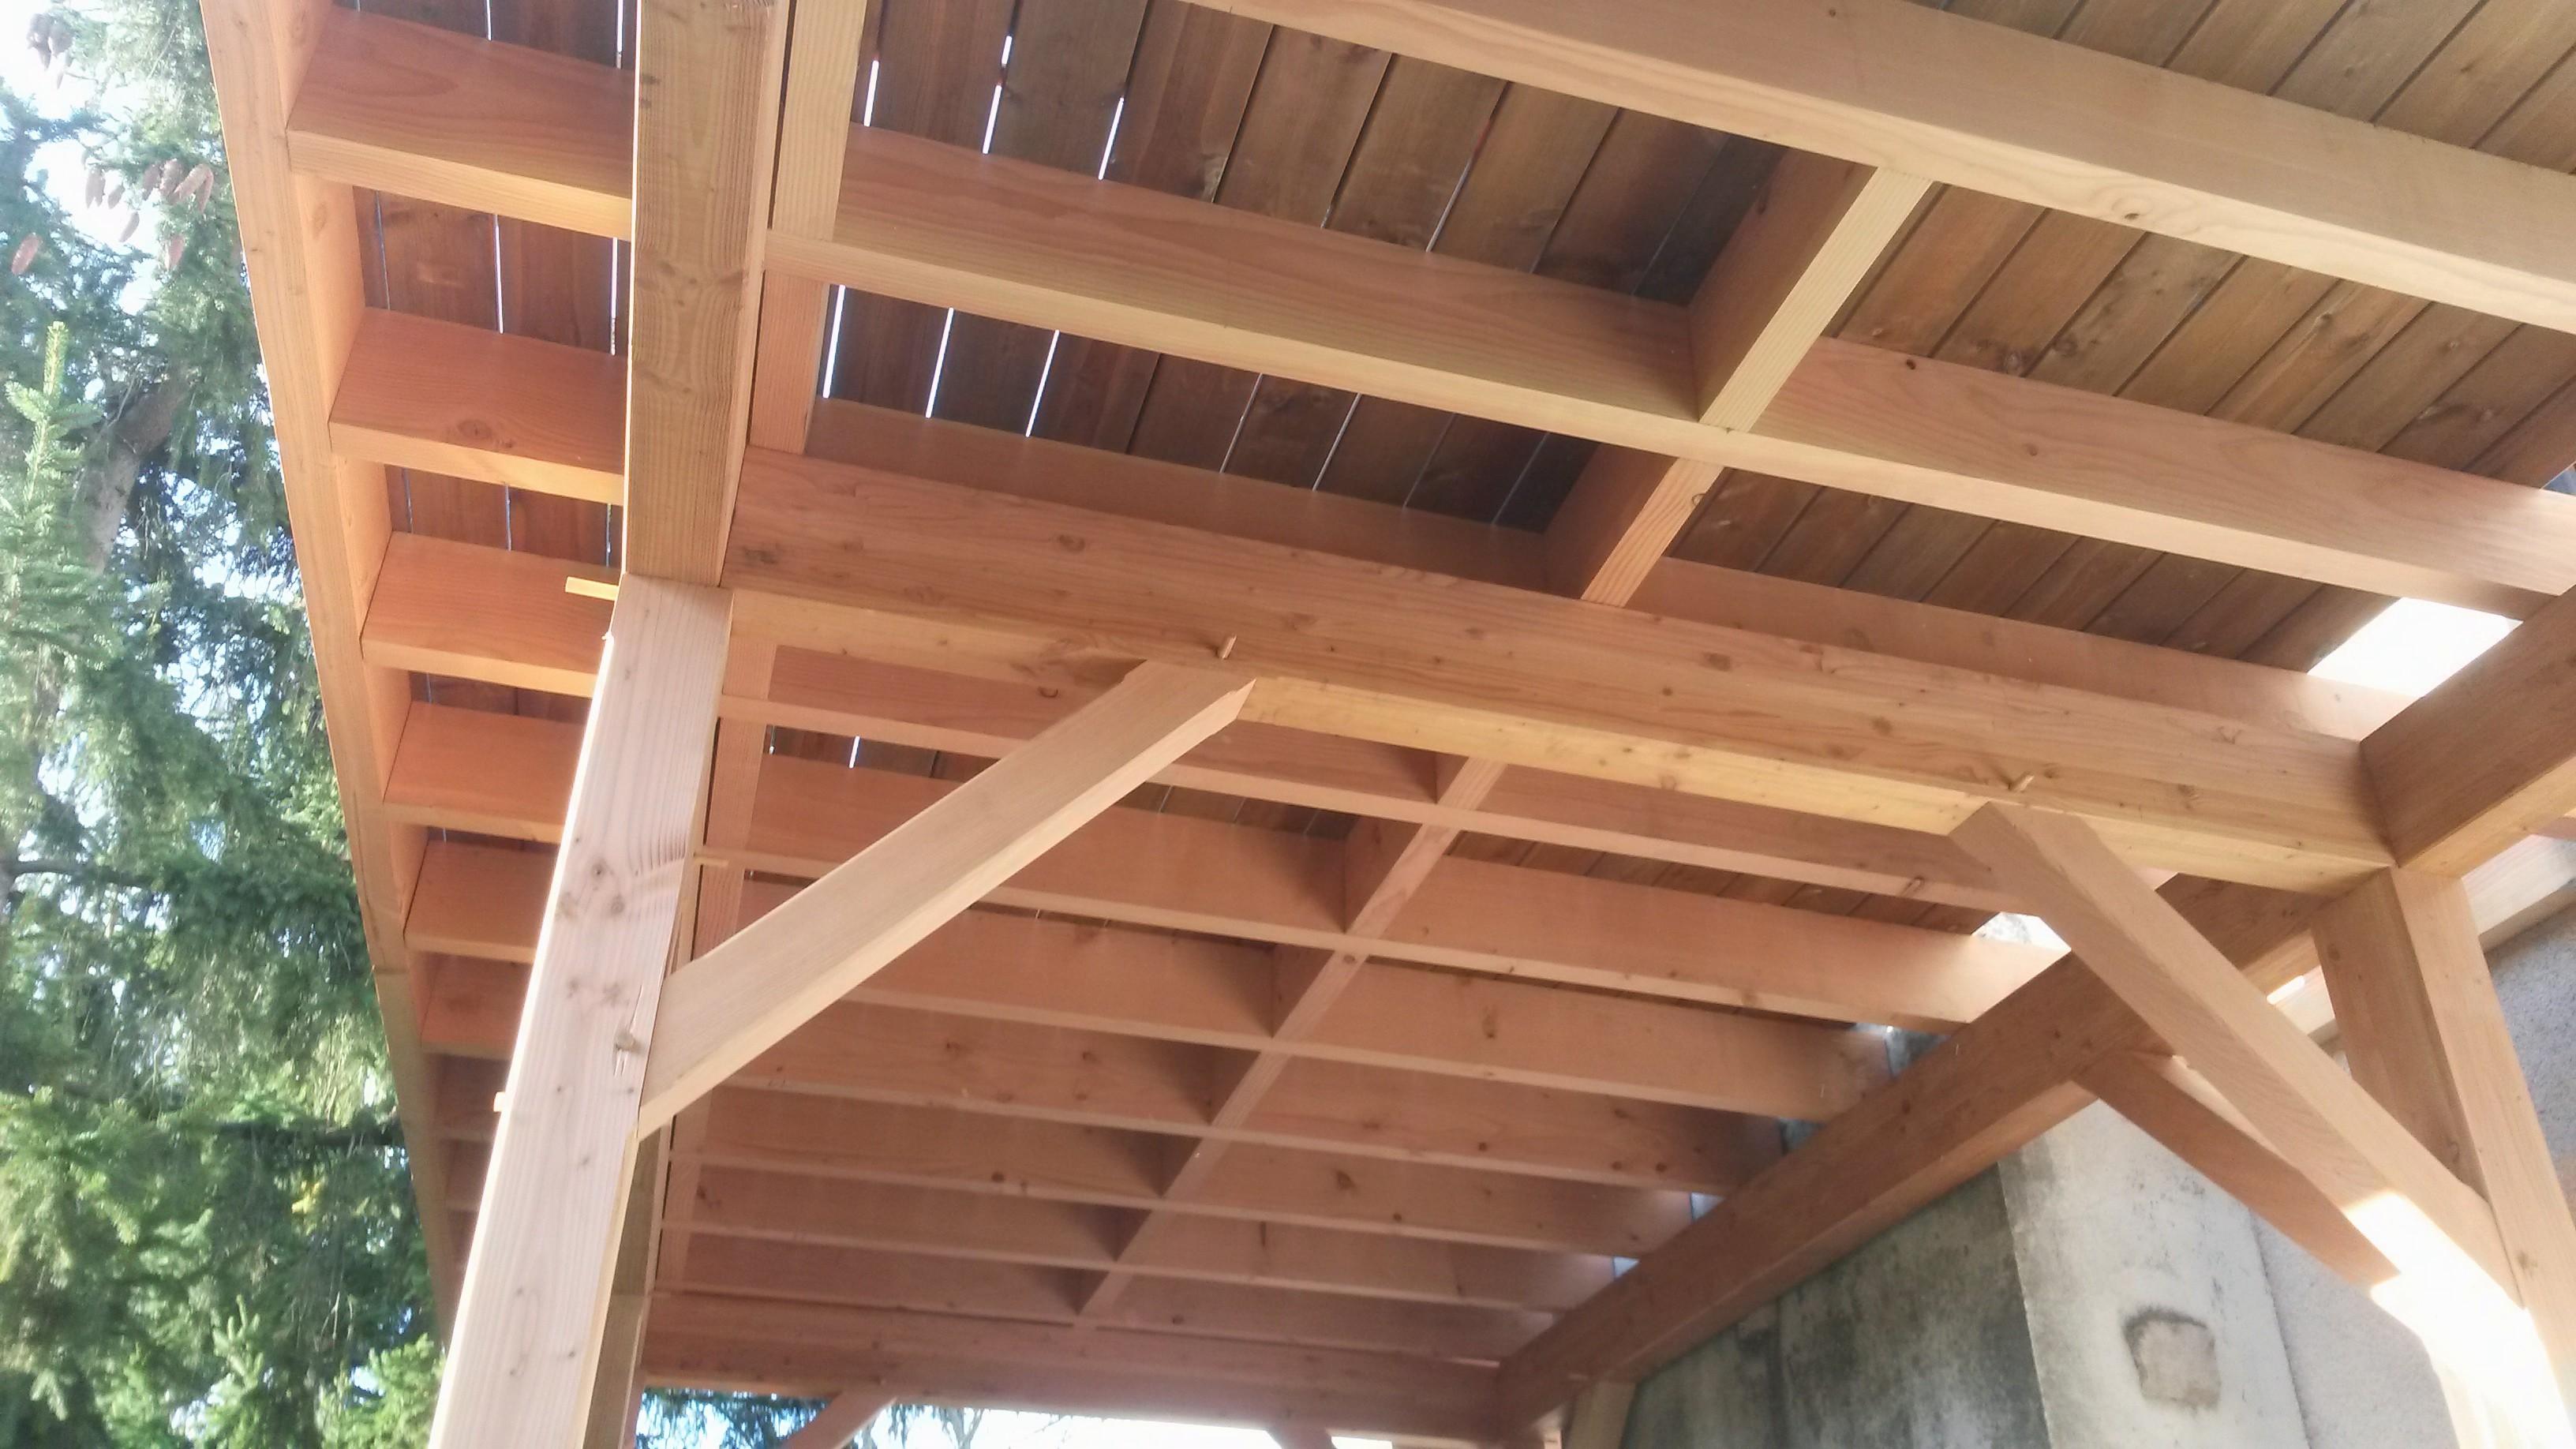 Terrasse en bois sur lev e pr s d 39 orl ans loire eco bois for Terrasse bois surelevee